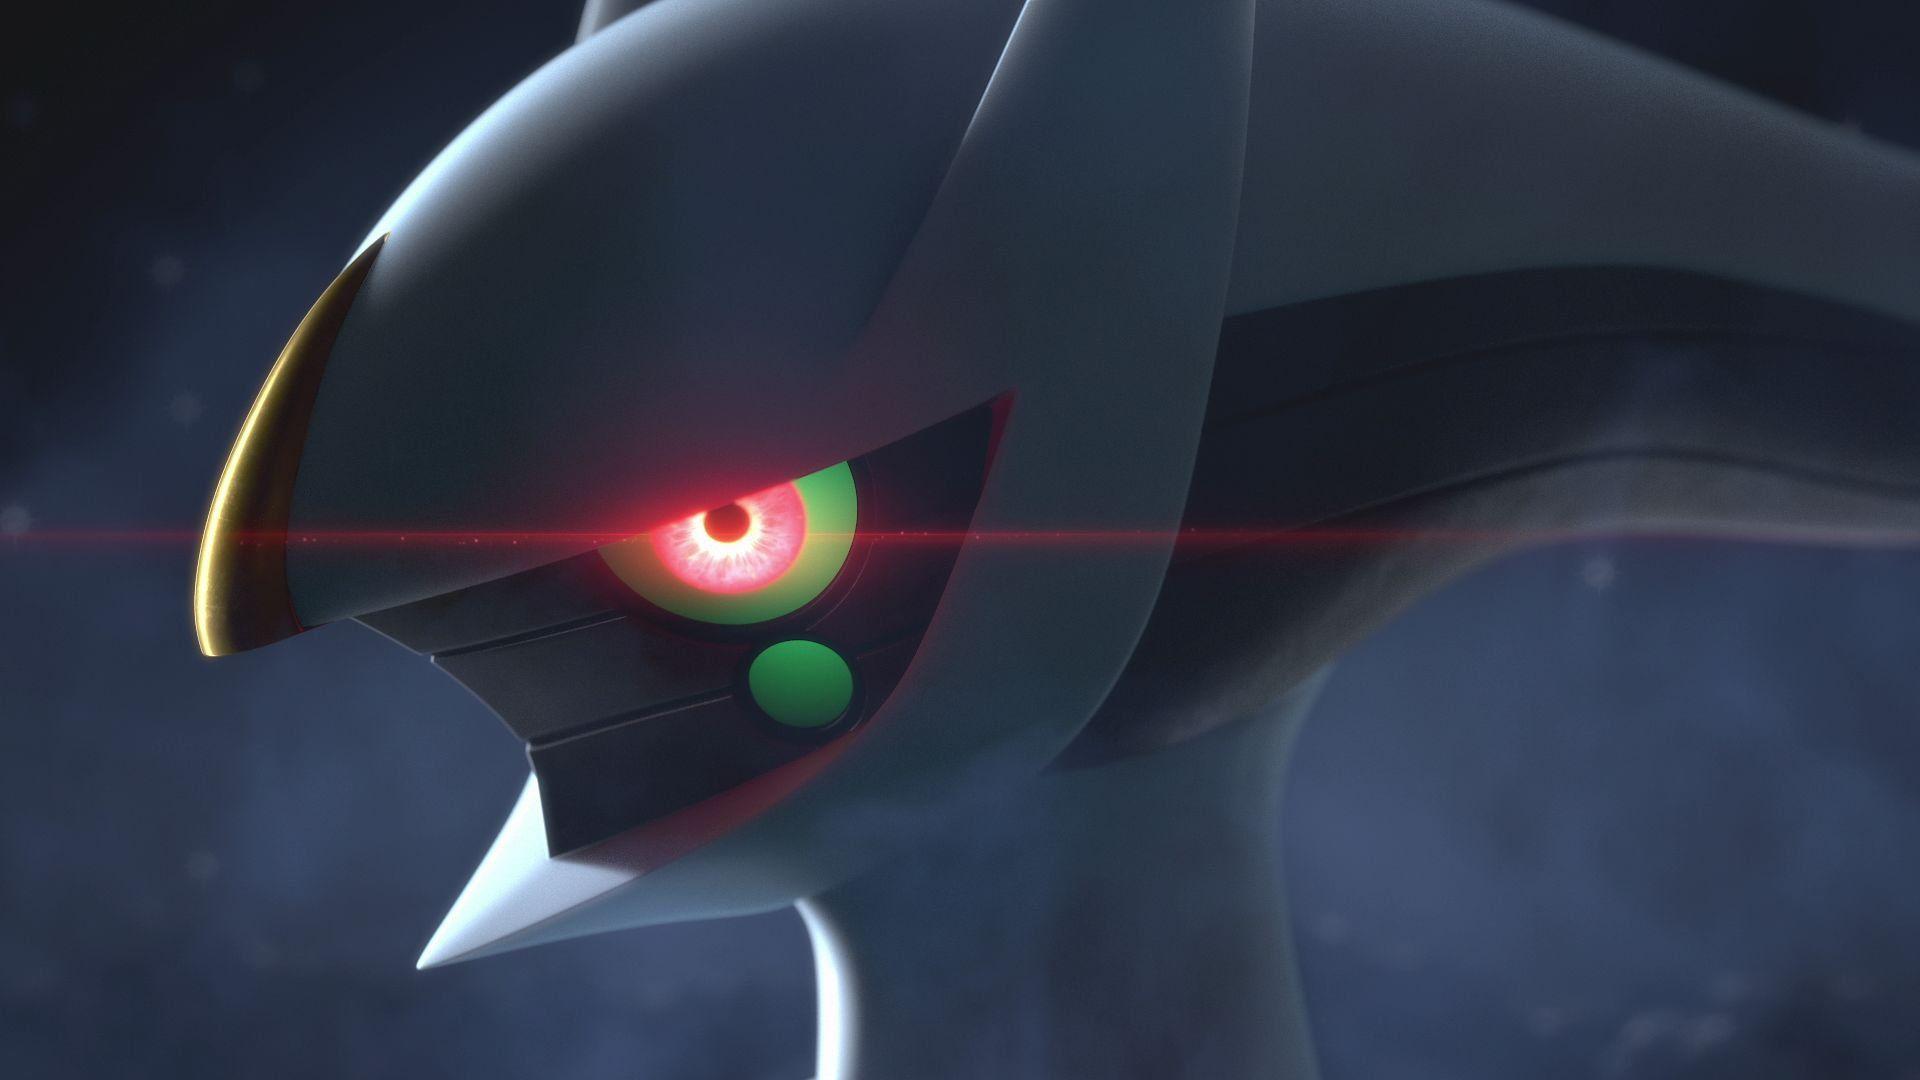 Leggende Pokémon Arceus